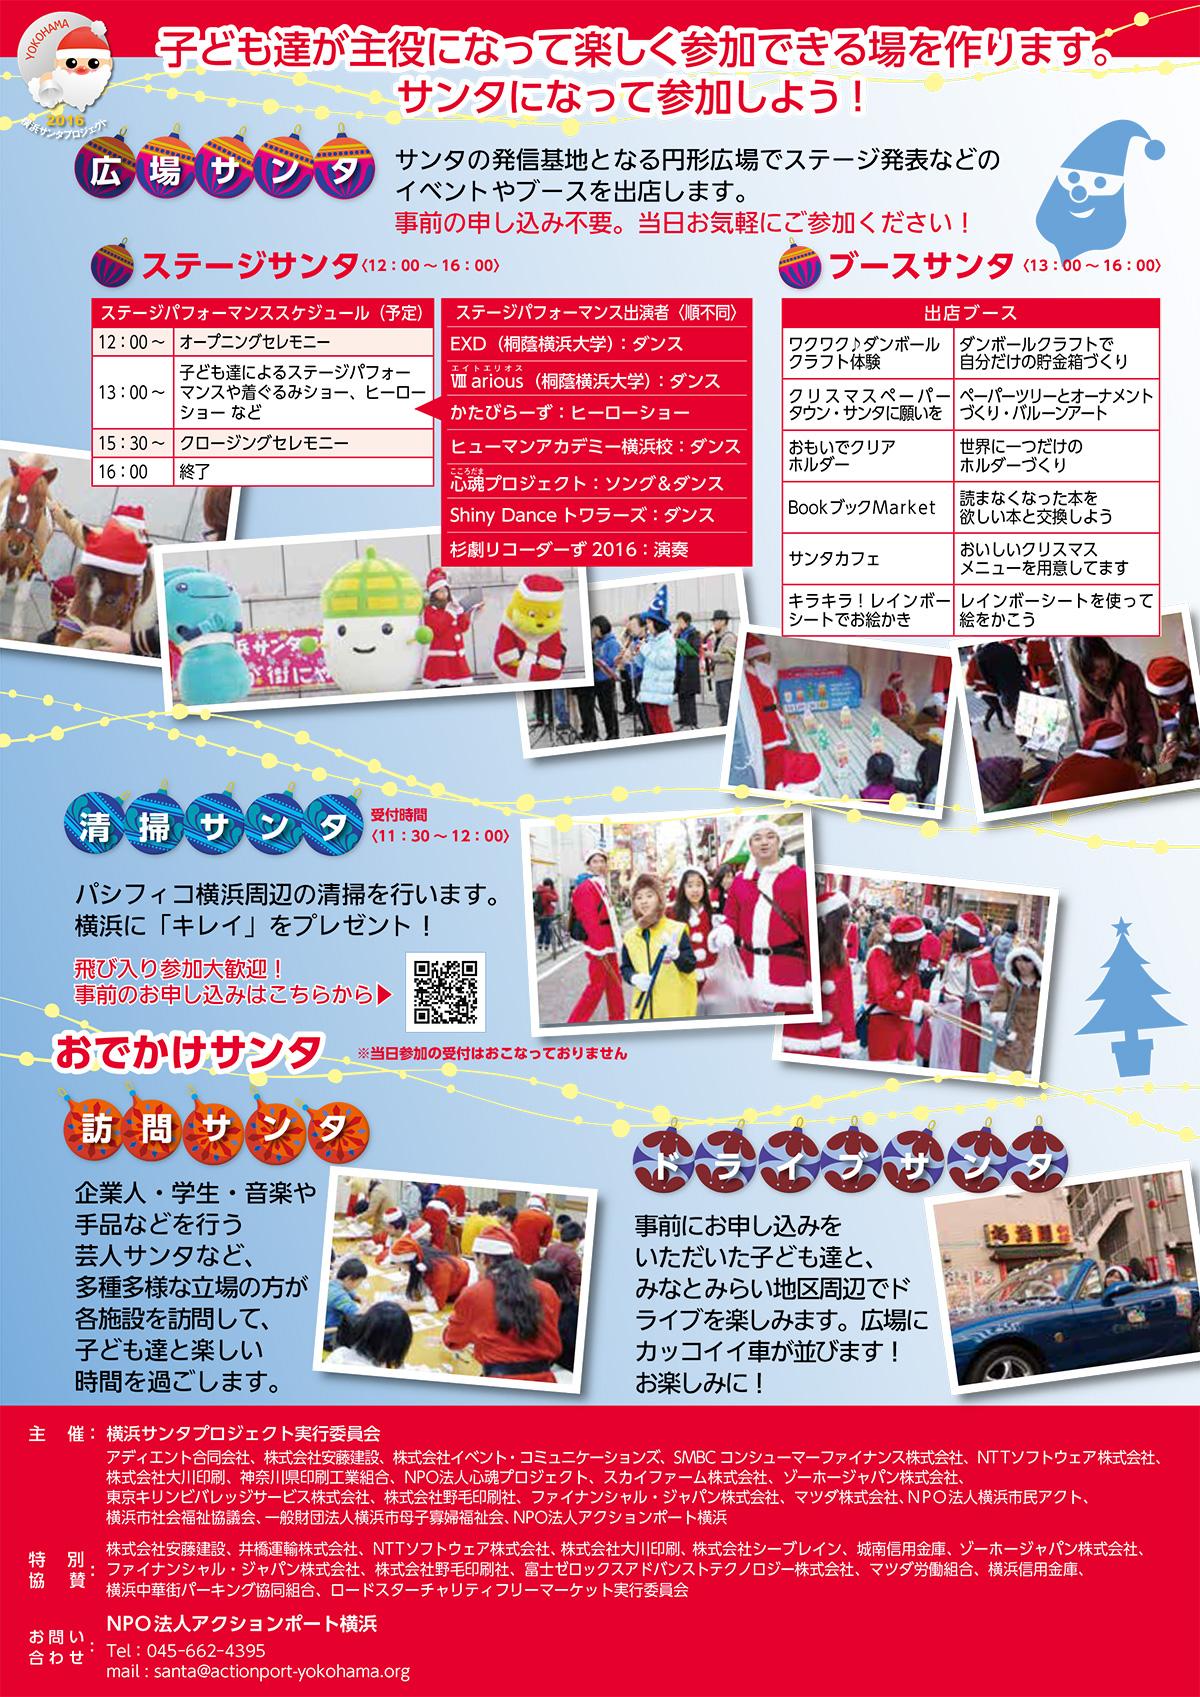 横浜サンタプロジェクト2016 概要